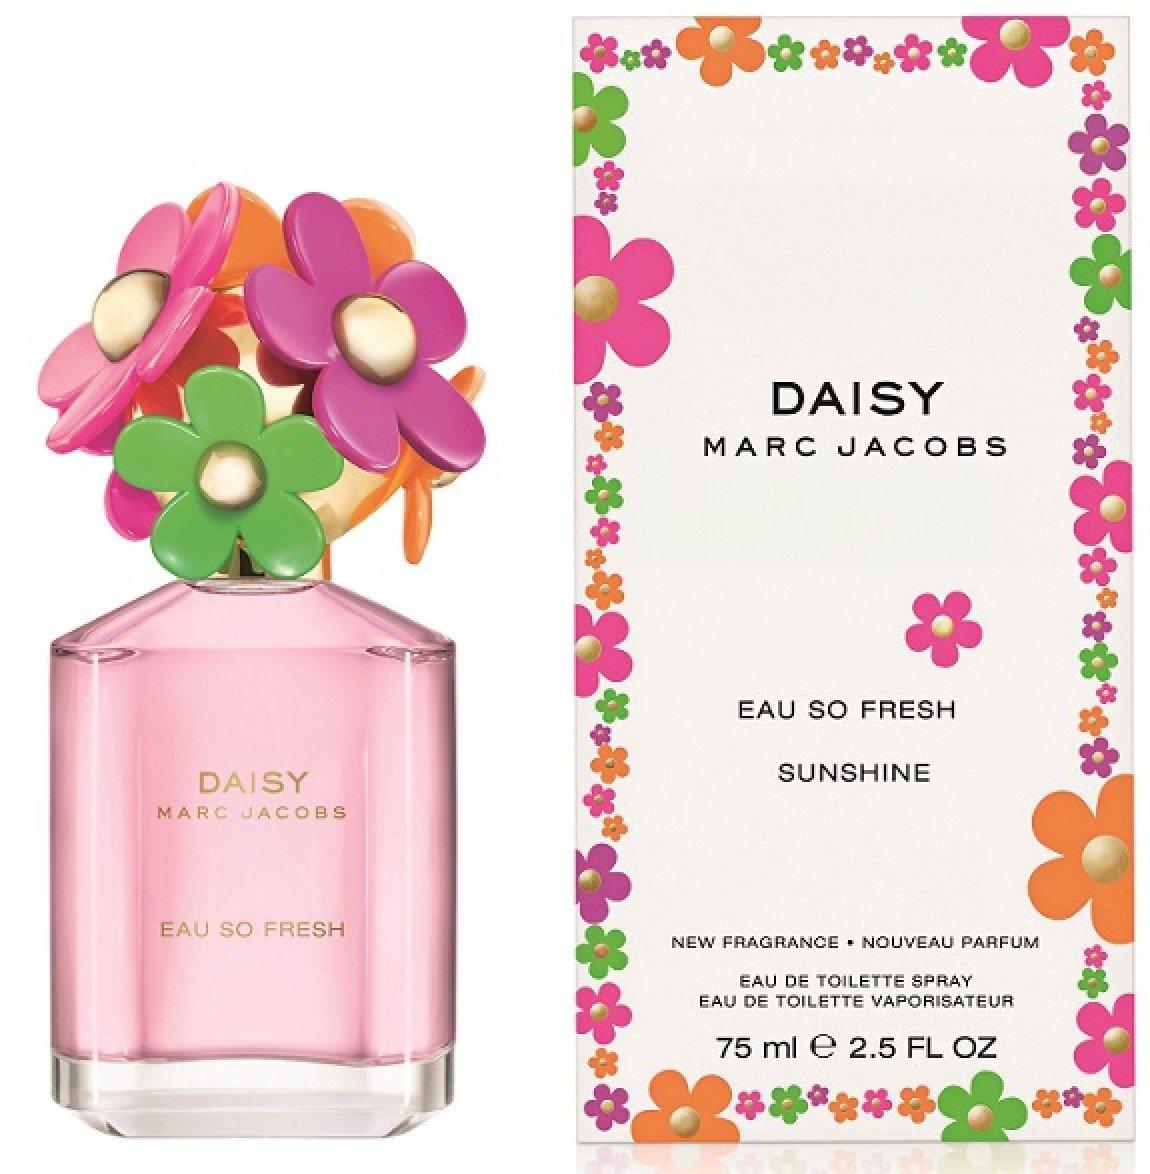 Marc Jacobs Eau de Toilette Spray, Daisy So Fresh Sunshine, 2.5 Ounce